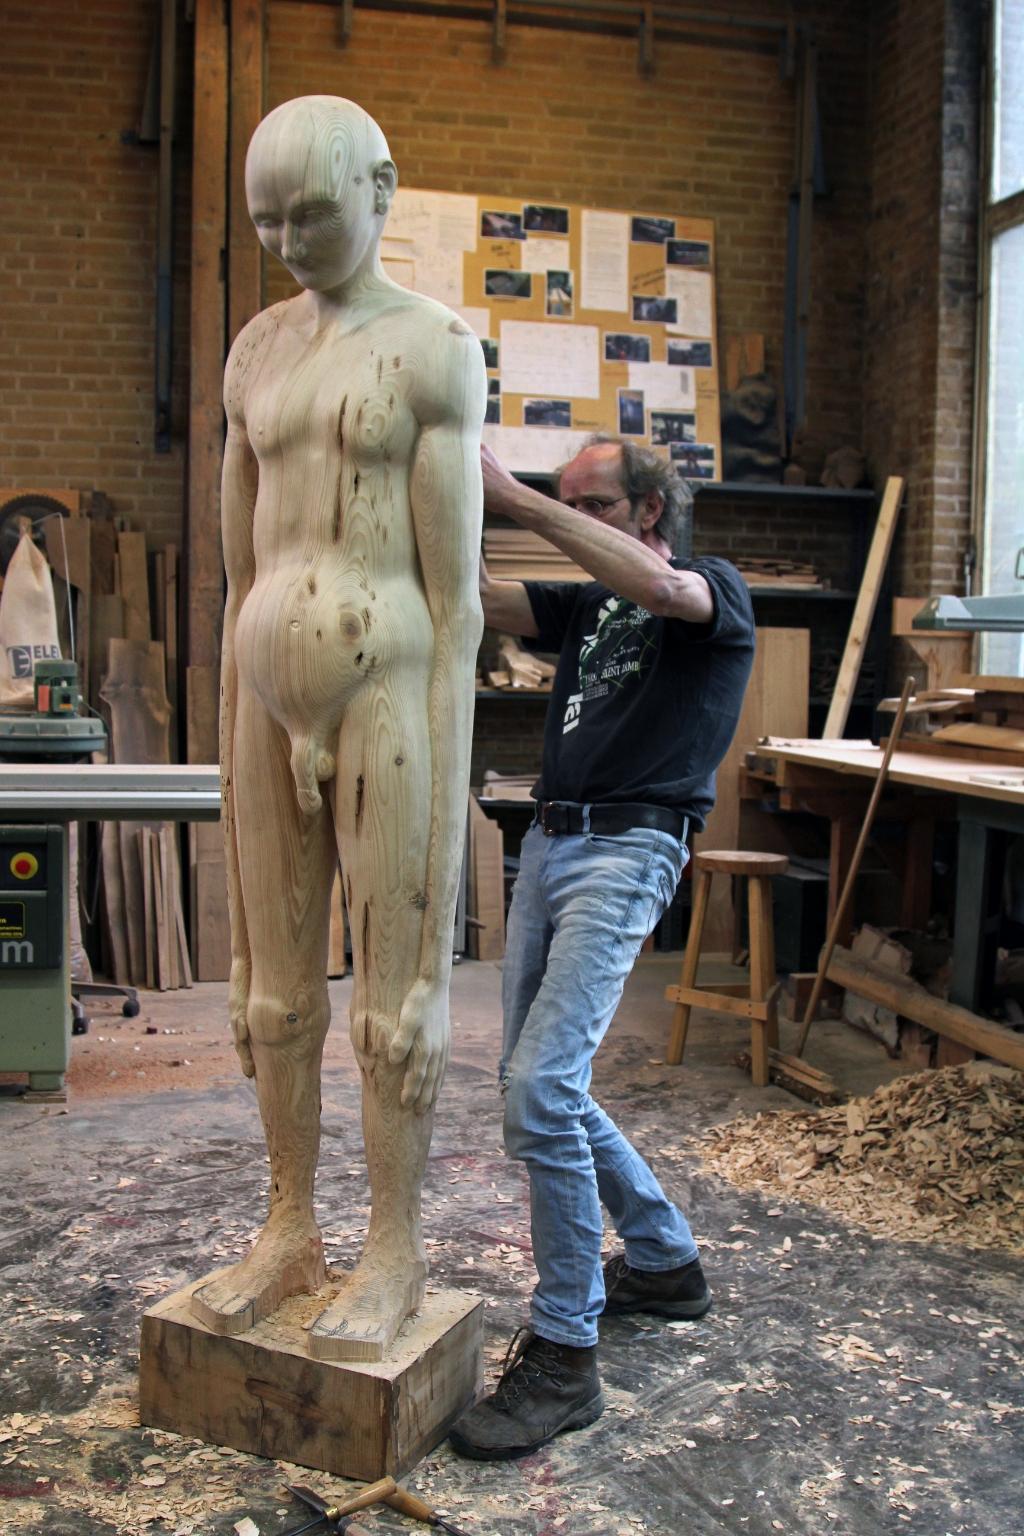 In zijn werkplaats werkt Daan de Leeuw aan zijn kunstwerk 'De naakte waarheid'.Foto: Annemiek Mennink  © Achterhoek Nieuws b.v.